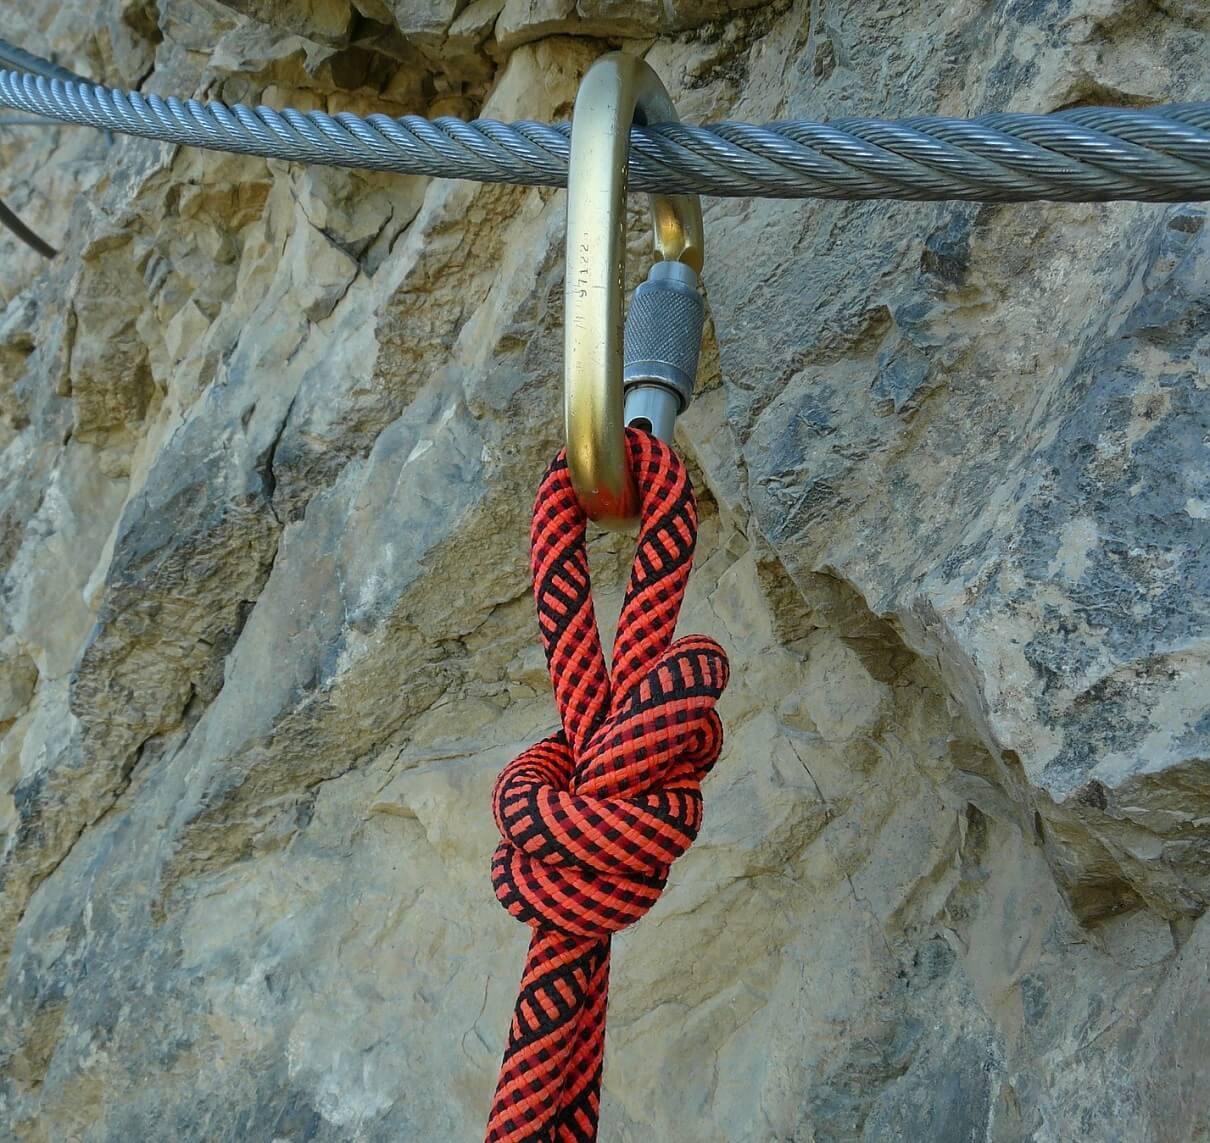 登山の持ち物のロープとカラビナ